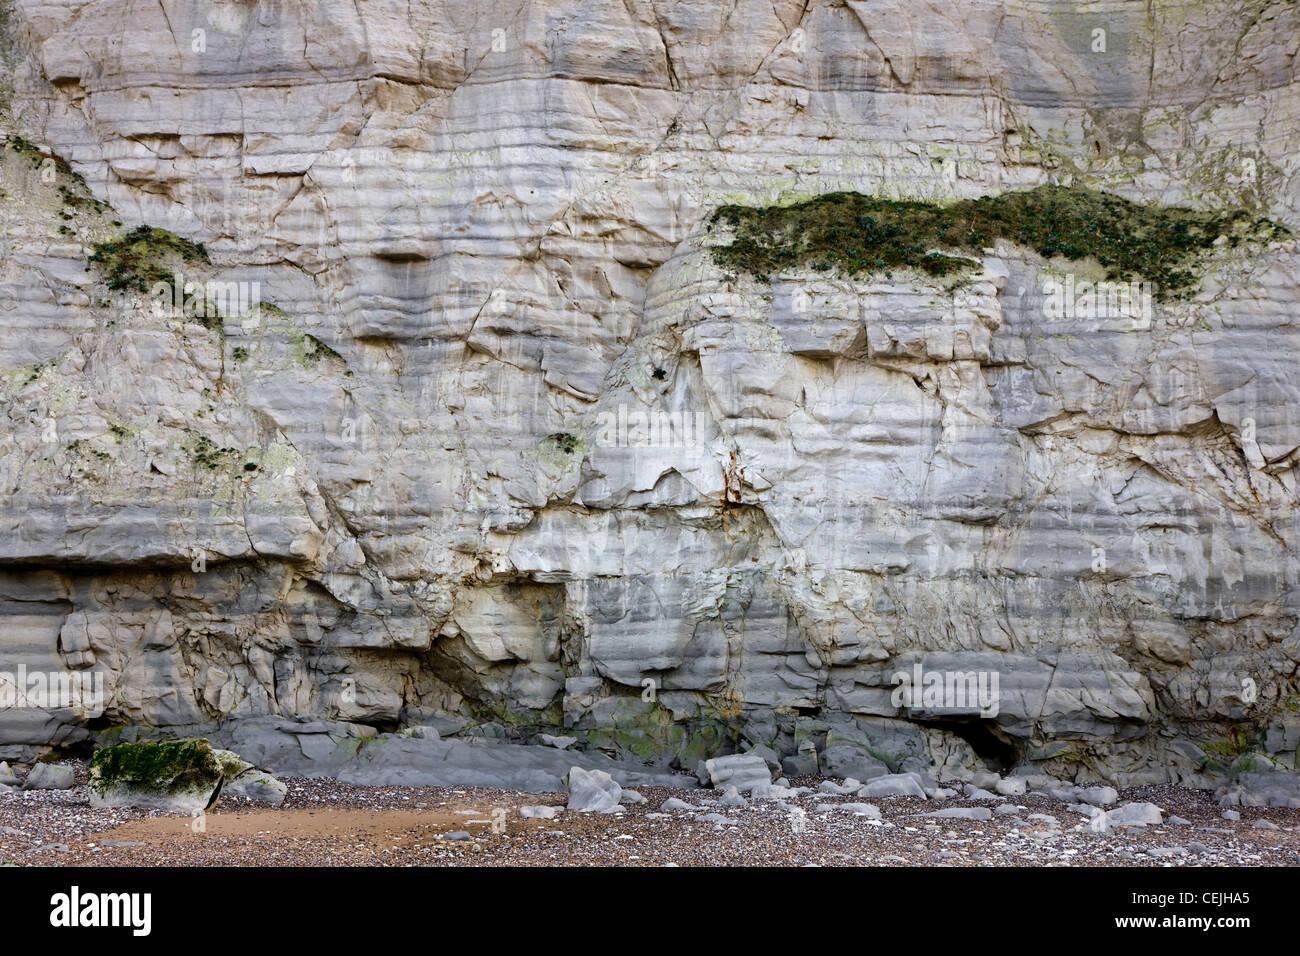 The white chalk cliffs at Cap Blanc Nez, Pas-de-Calais, France - Stock Image